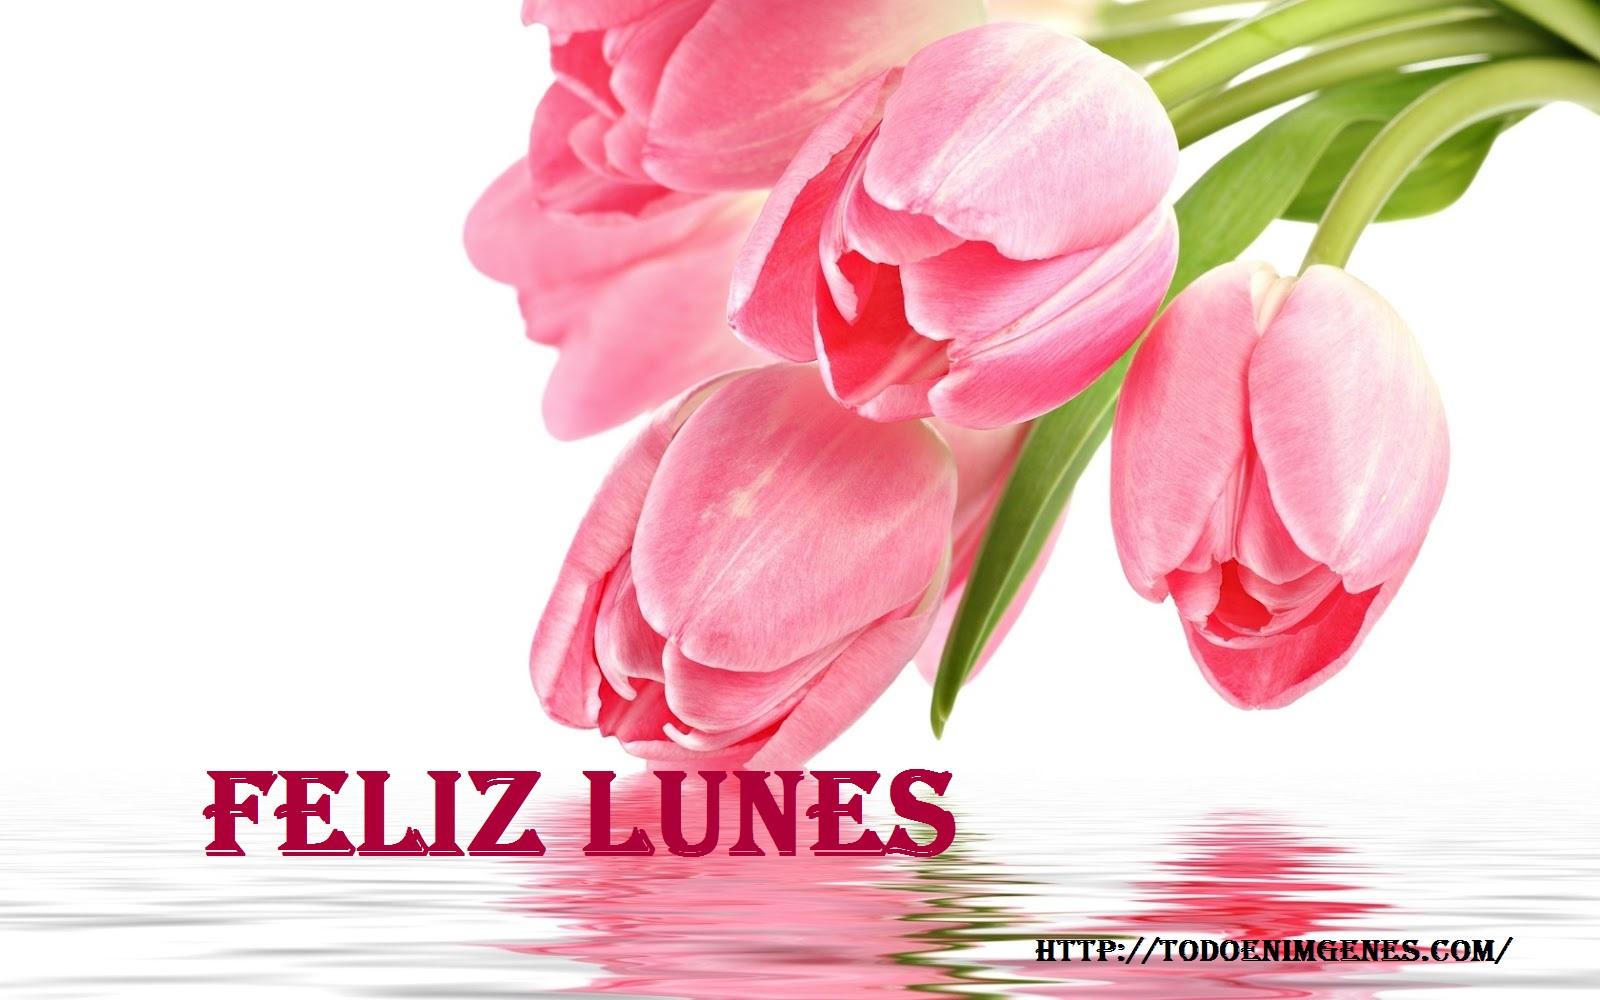 Bonito Lunes Mi Amor feliz lunes | resultados de la búsqueda | descargar imágenes